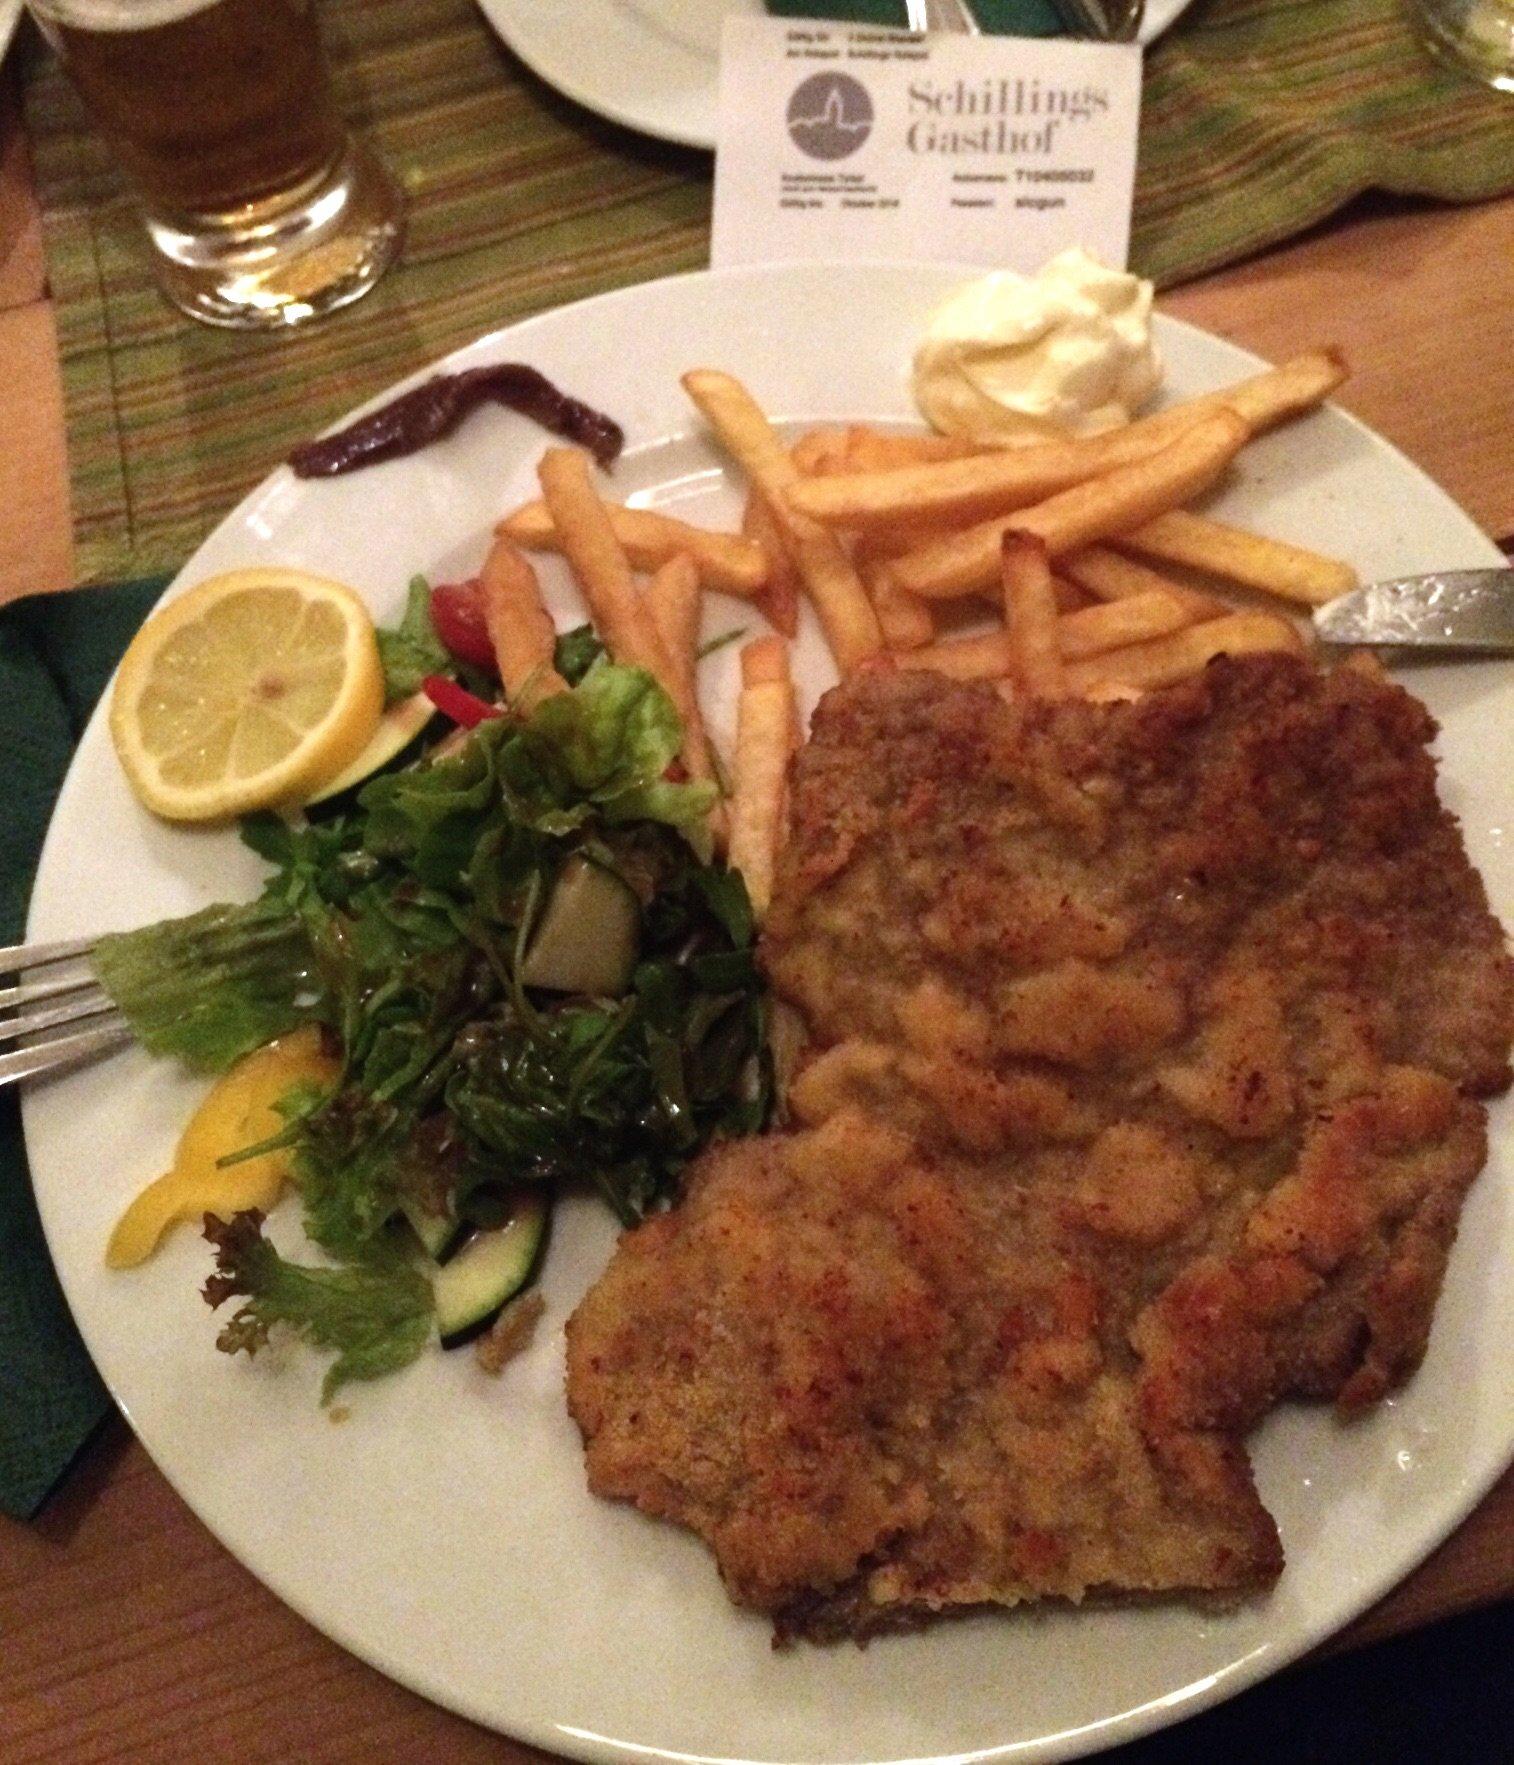 Standardmat - allt vad en hungrig gäddfiskare behöver. Fett och salt... och lite grönt